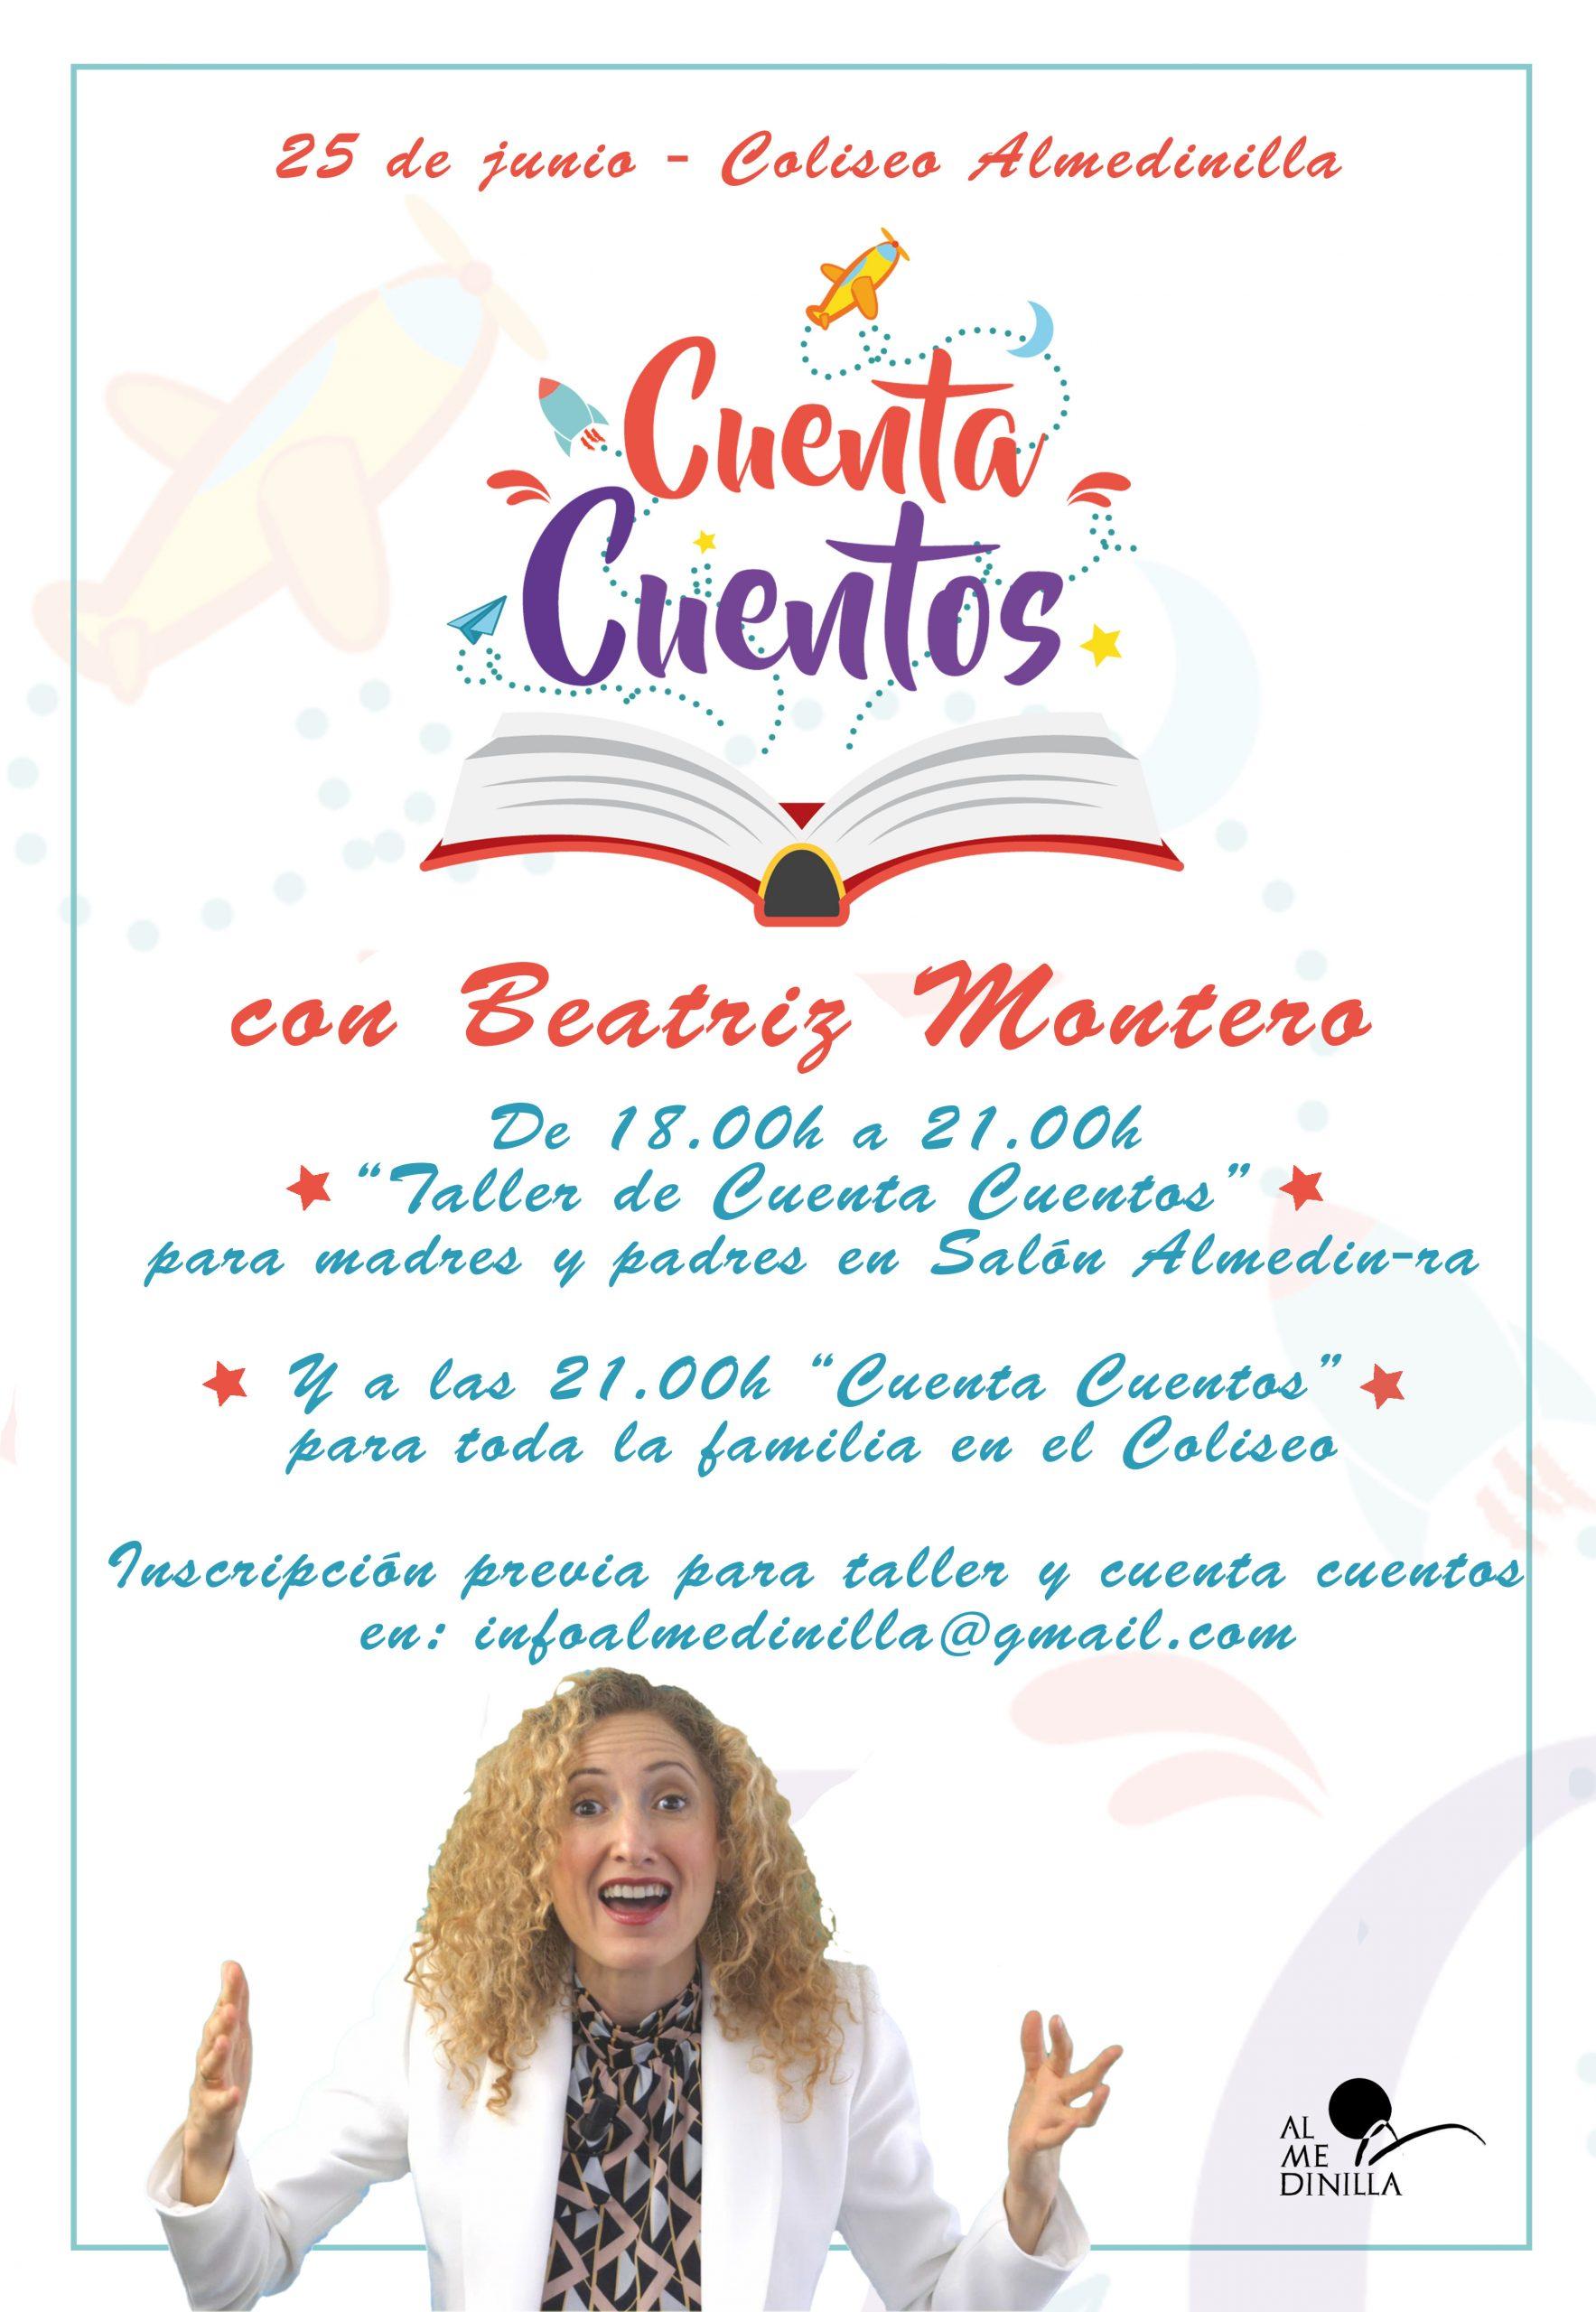 Cuenta Cuentos con Beatriz Montero